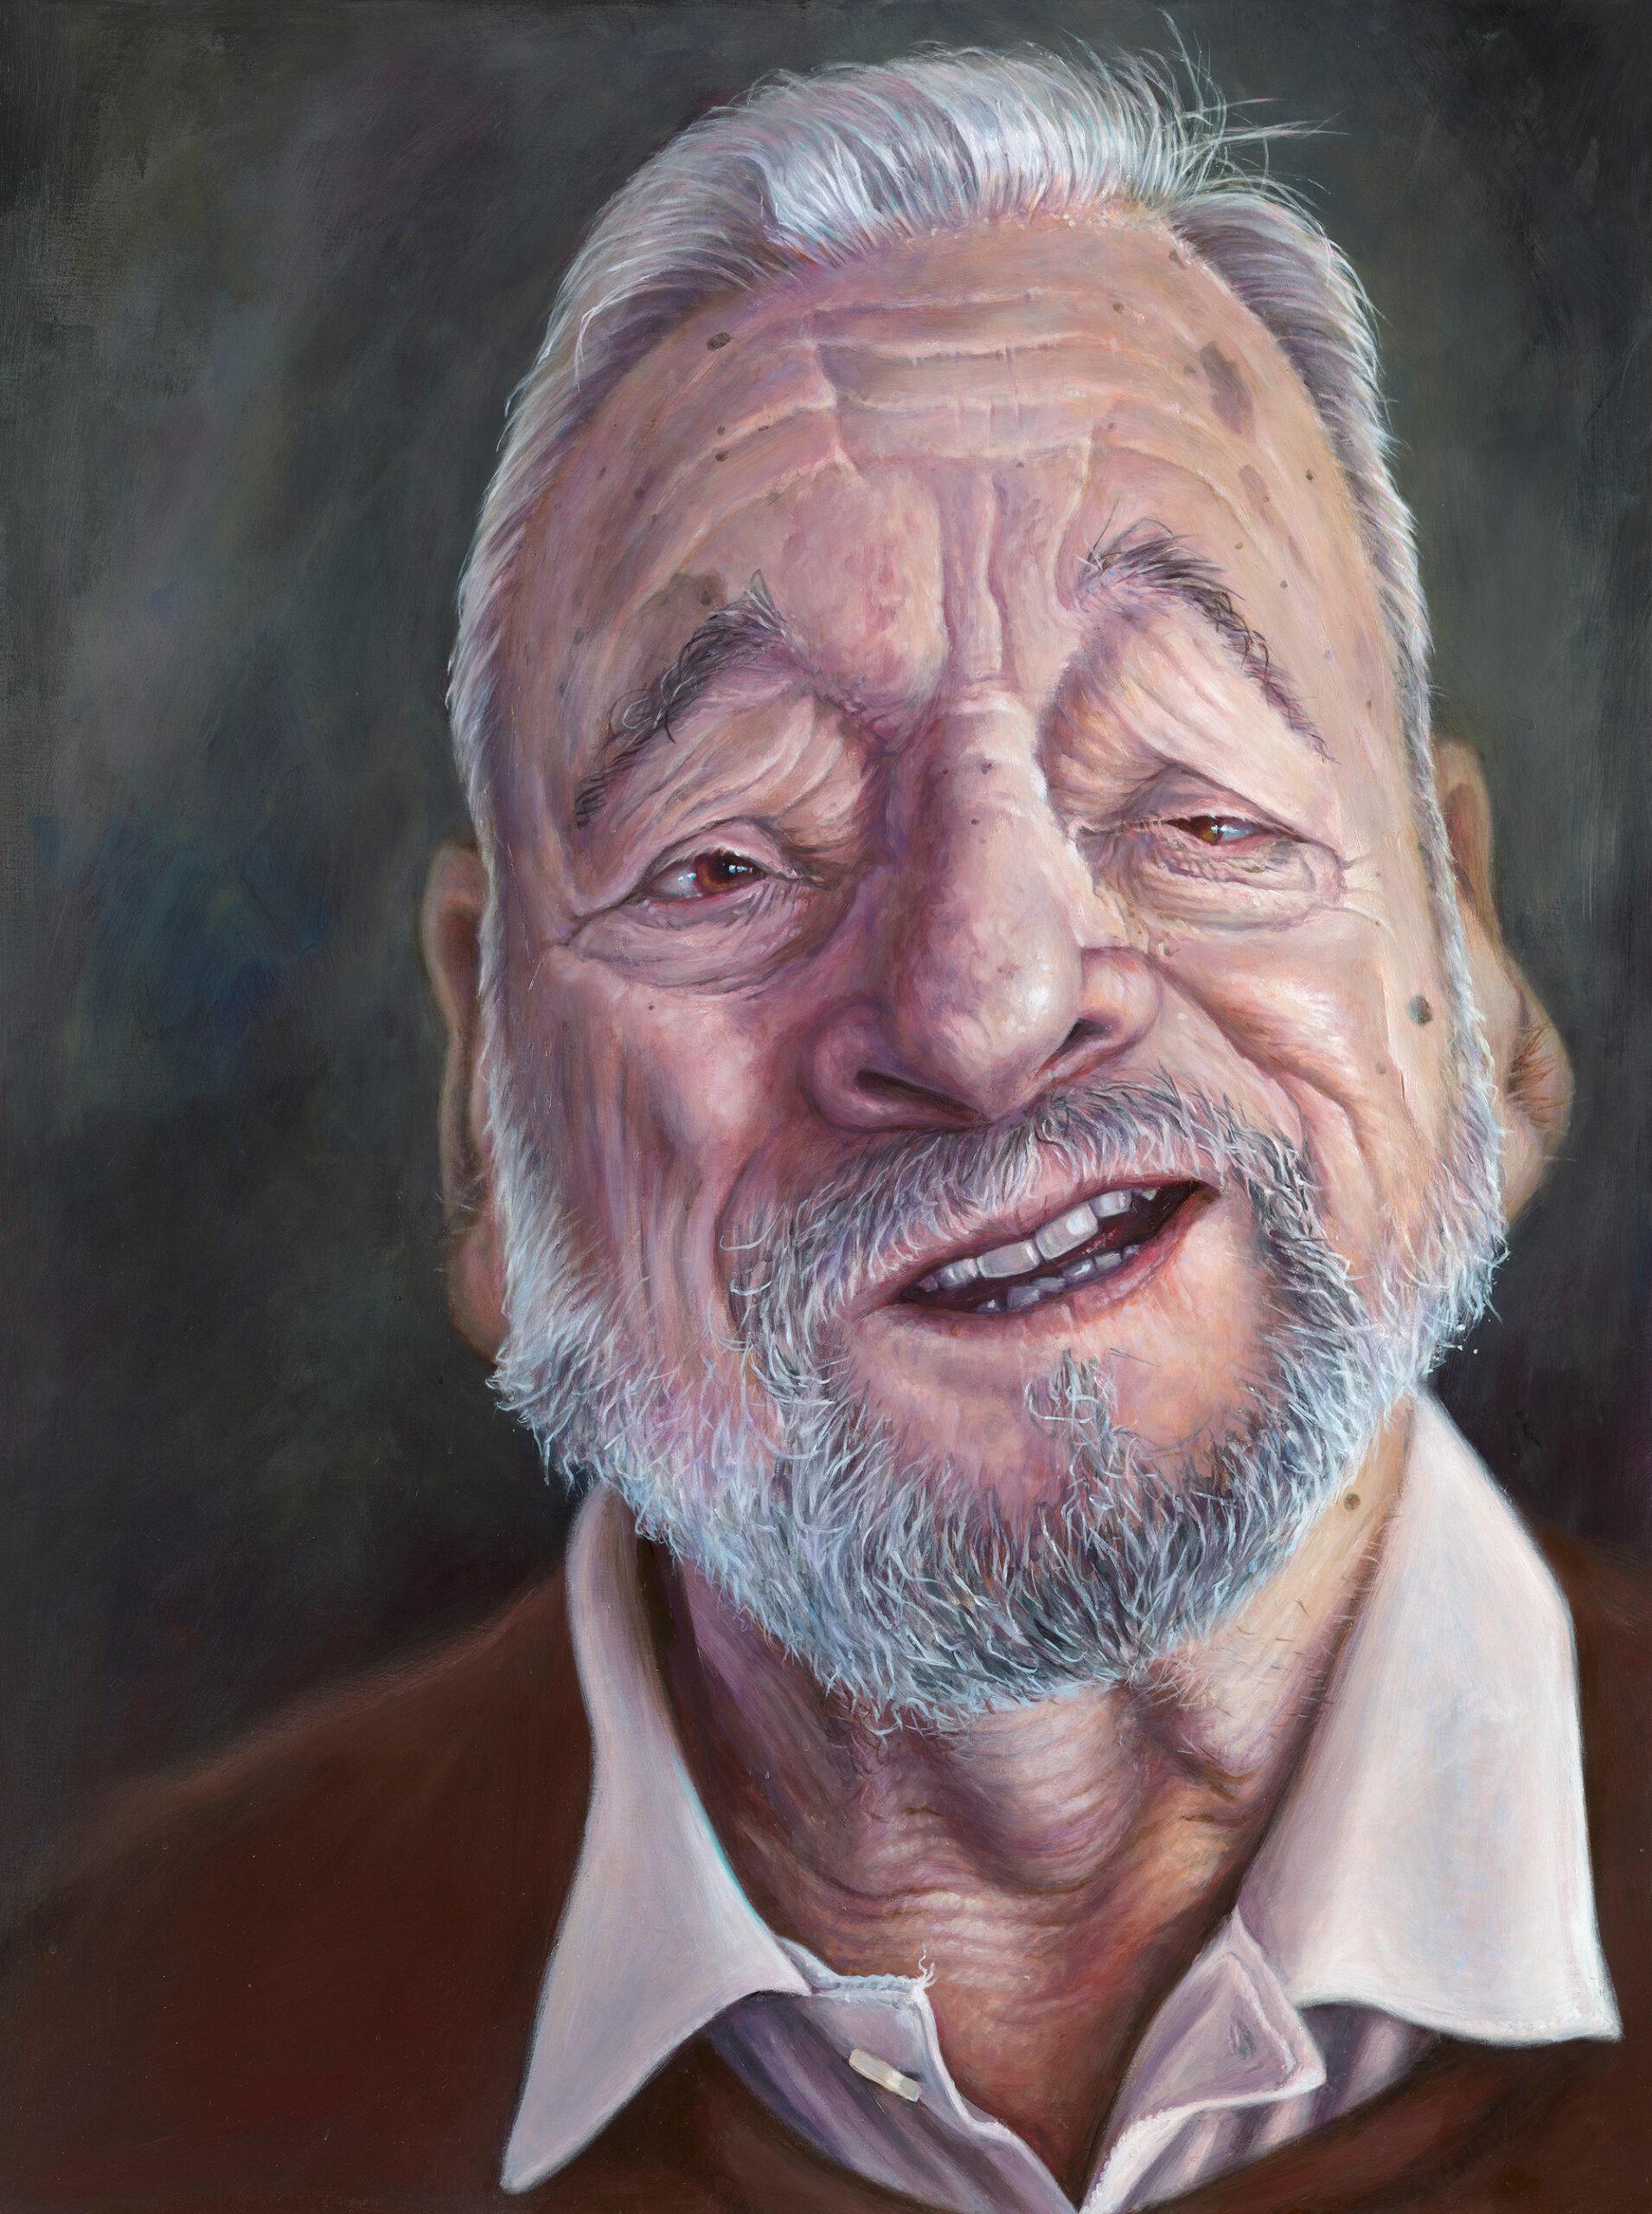 Stephen Sondheim portrait by Derren Brown